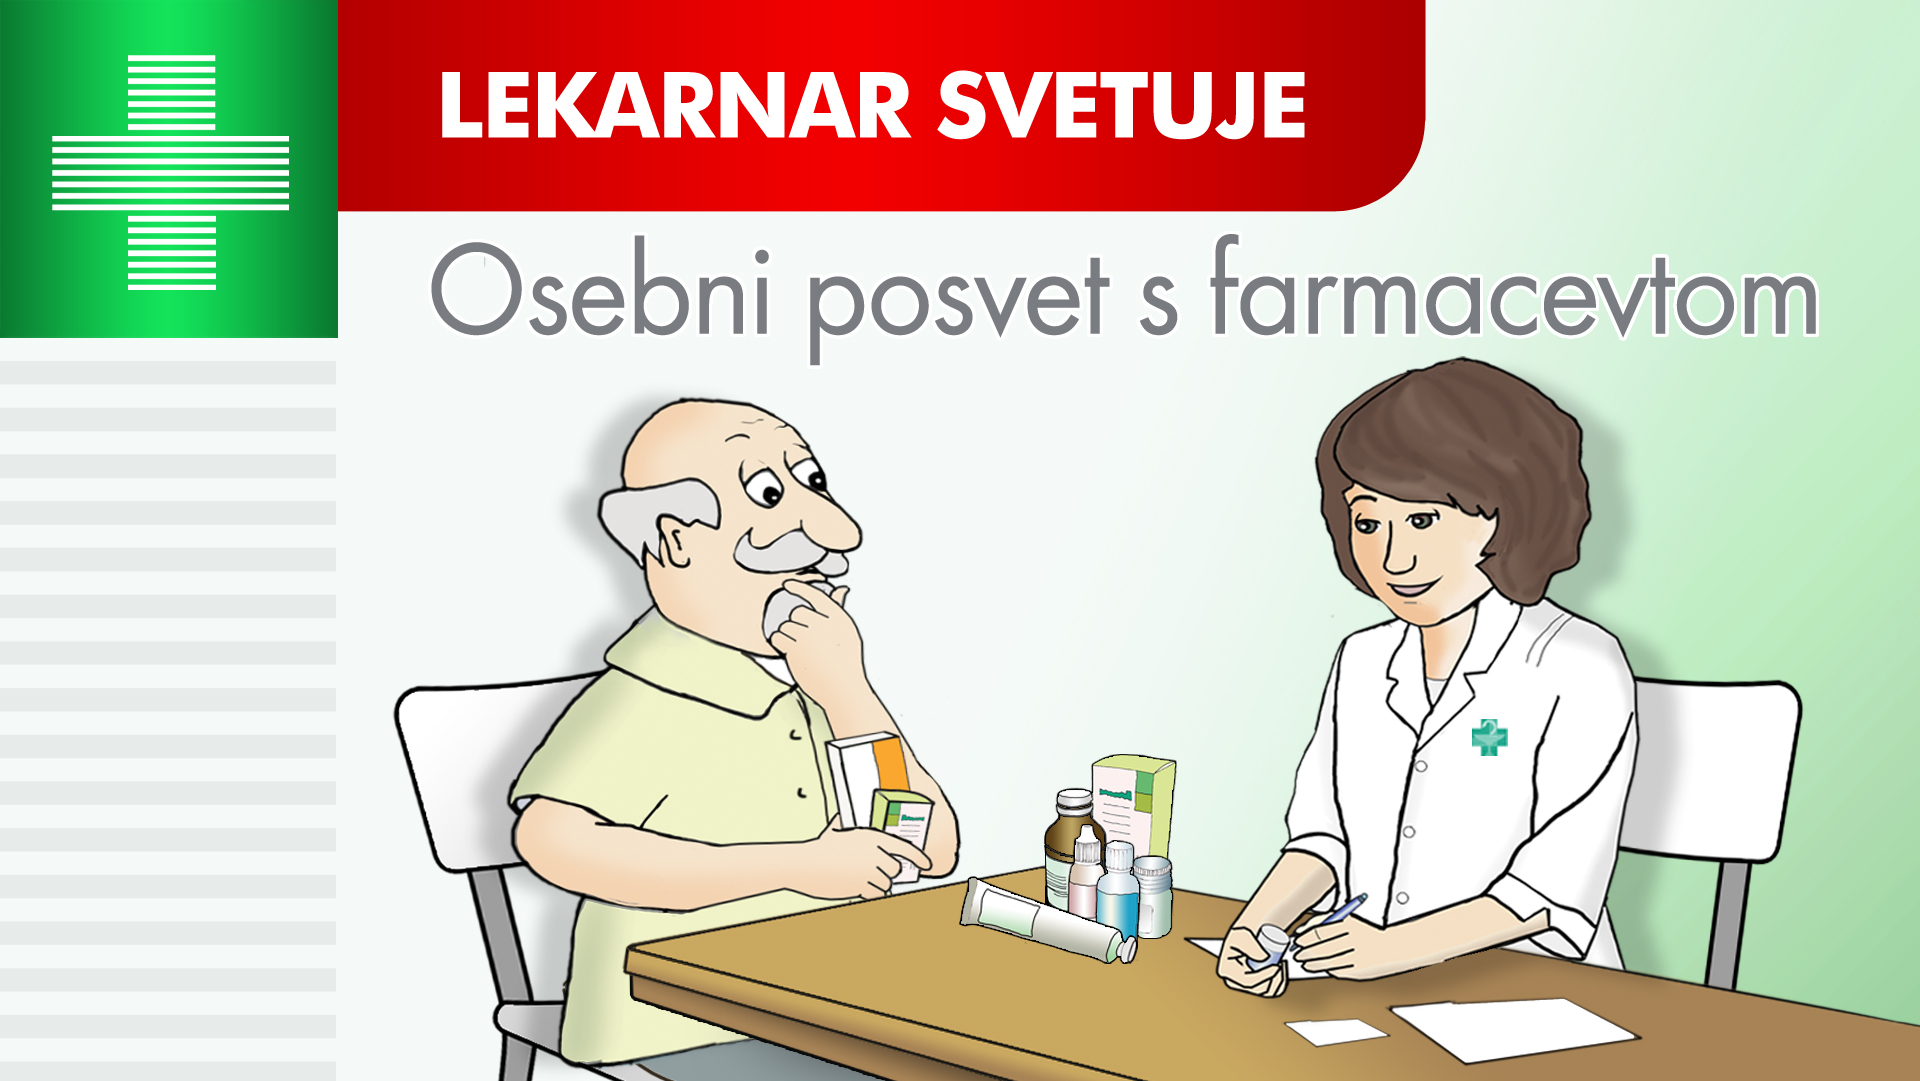 Osebni posvet s farmacevtom